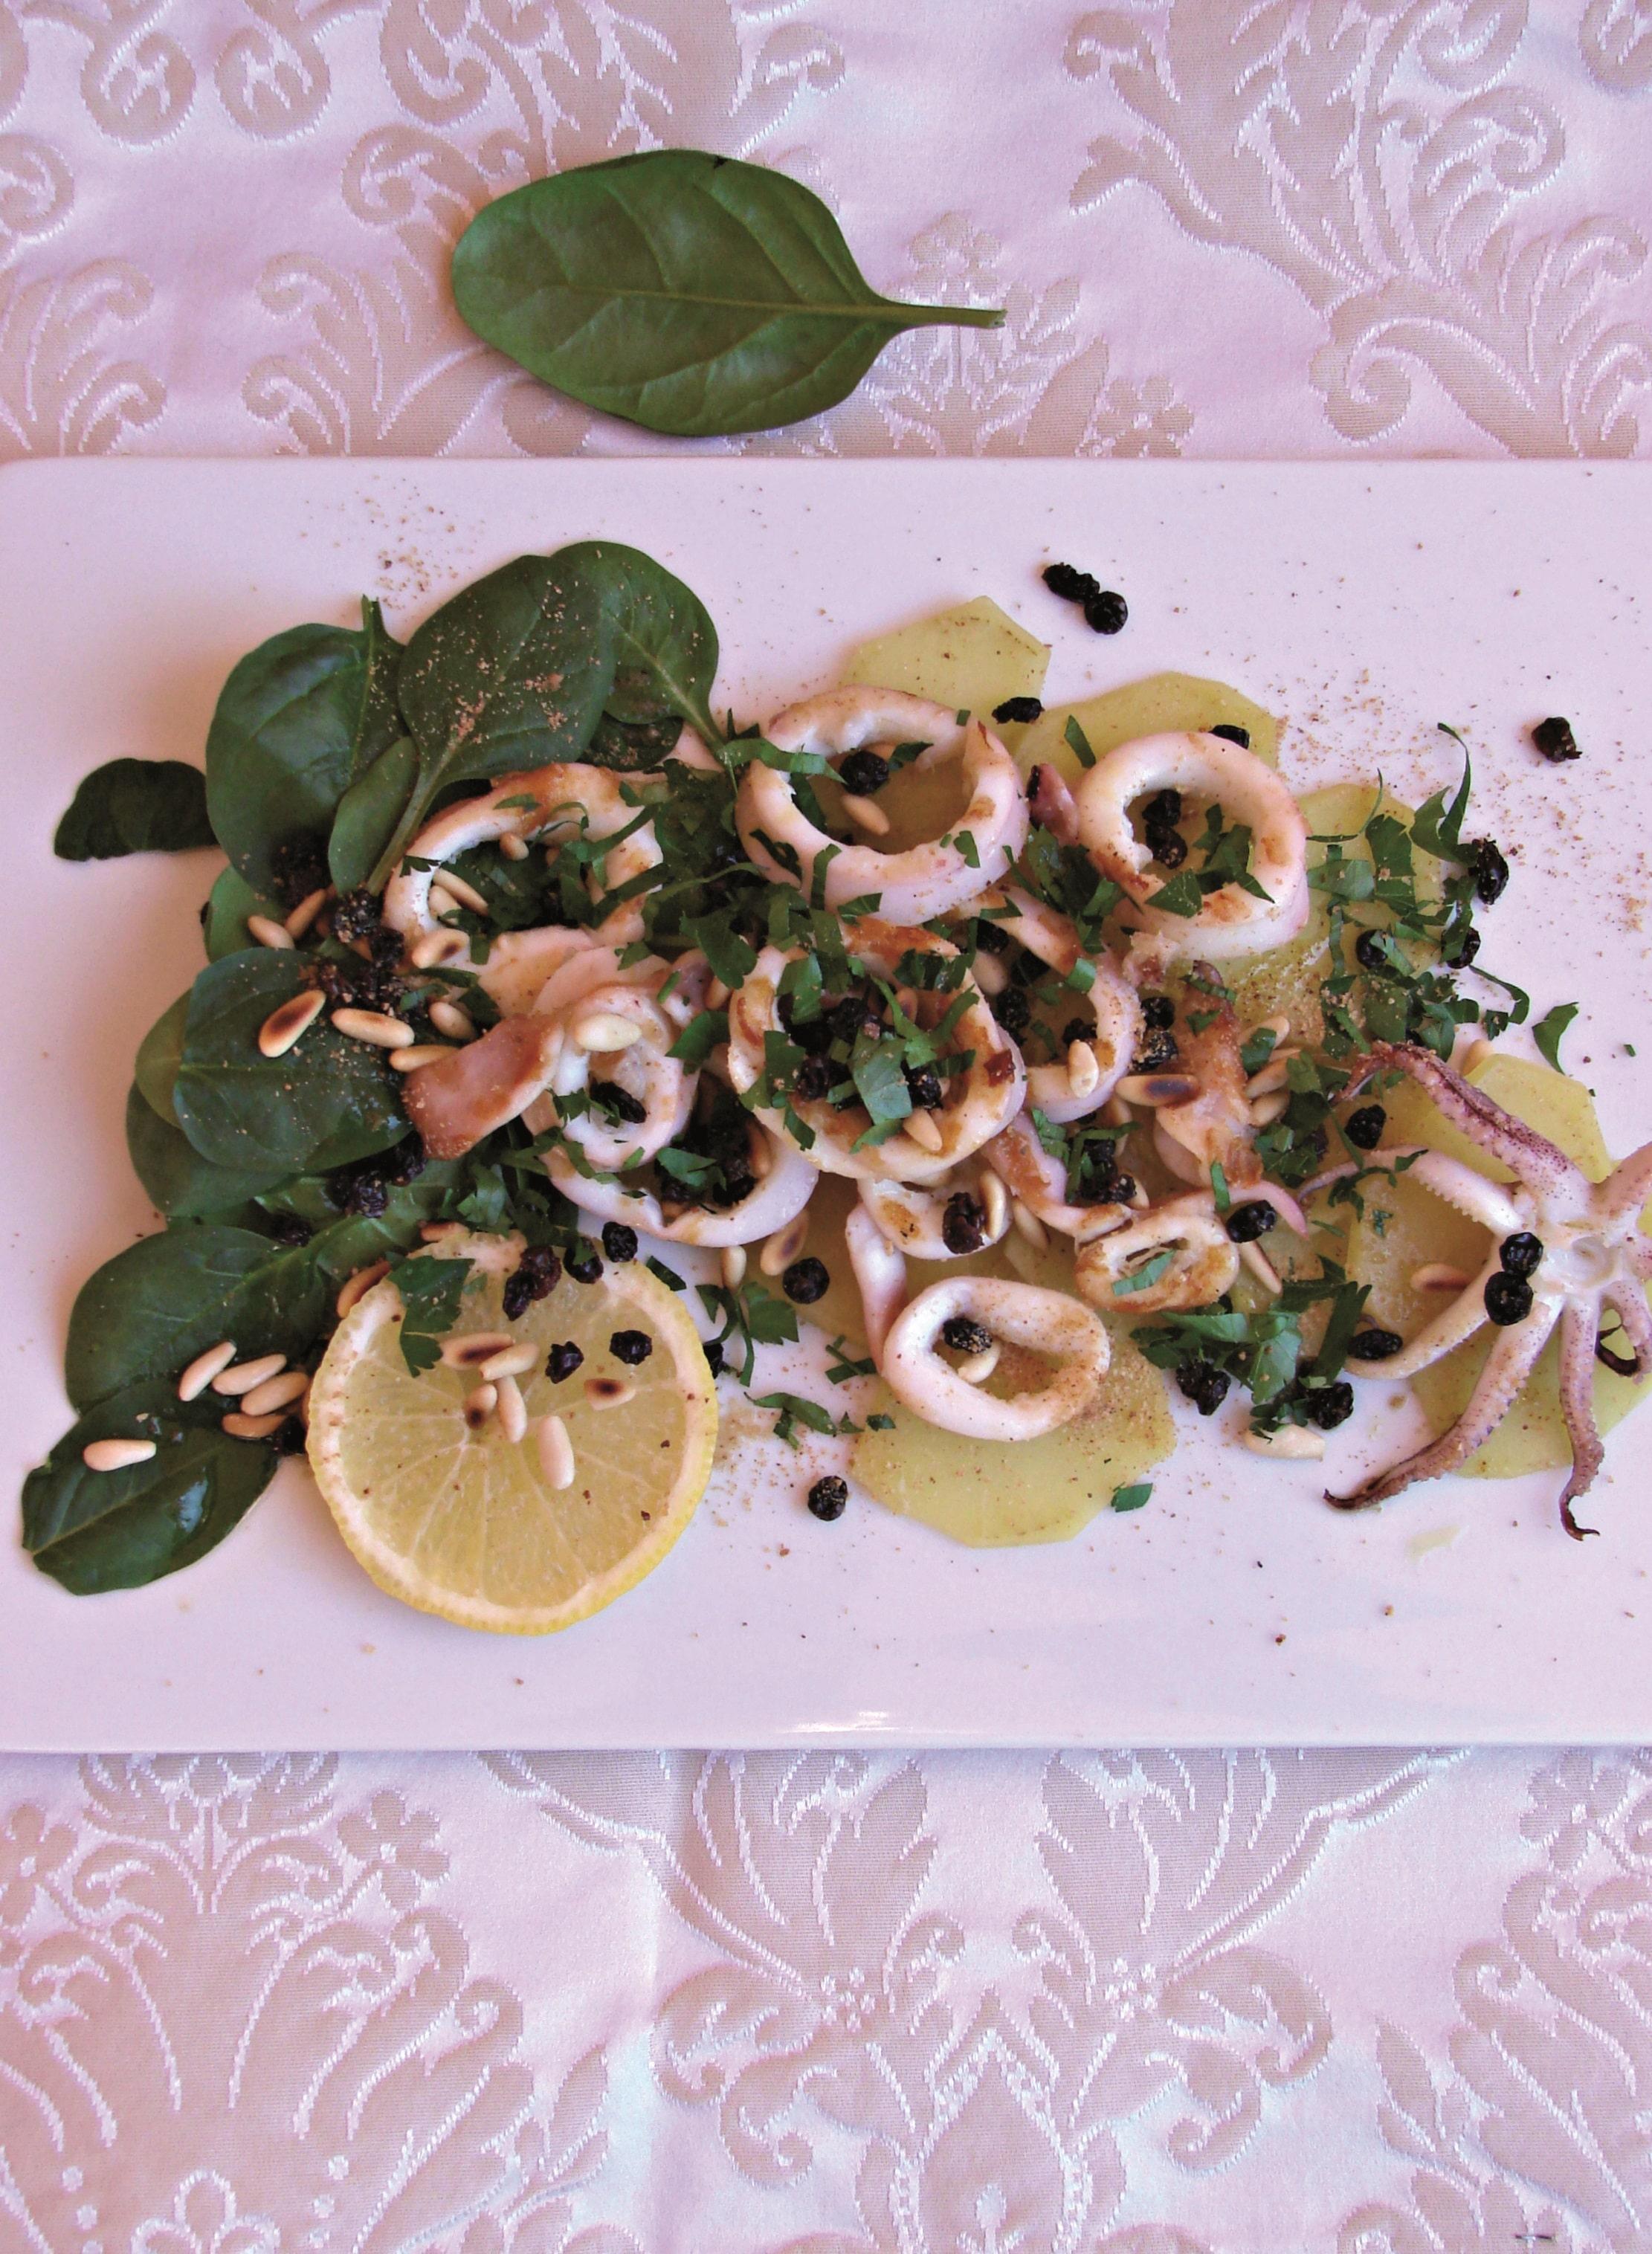 Calamari arrostiti con spinaci novelli, patate al vapore, uva passa e pinoli